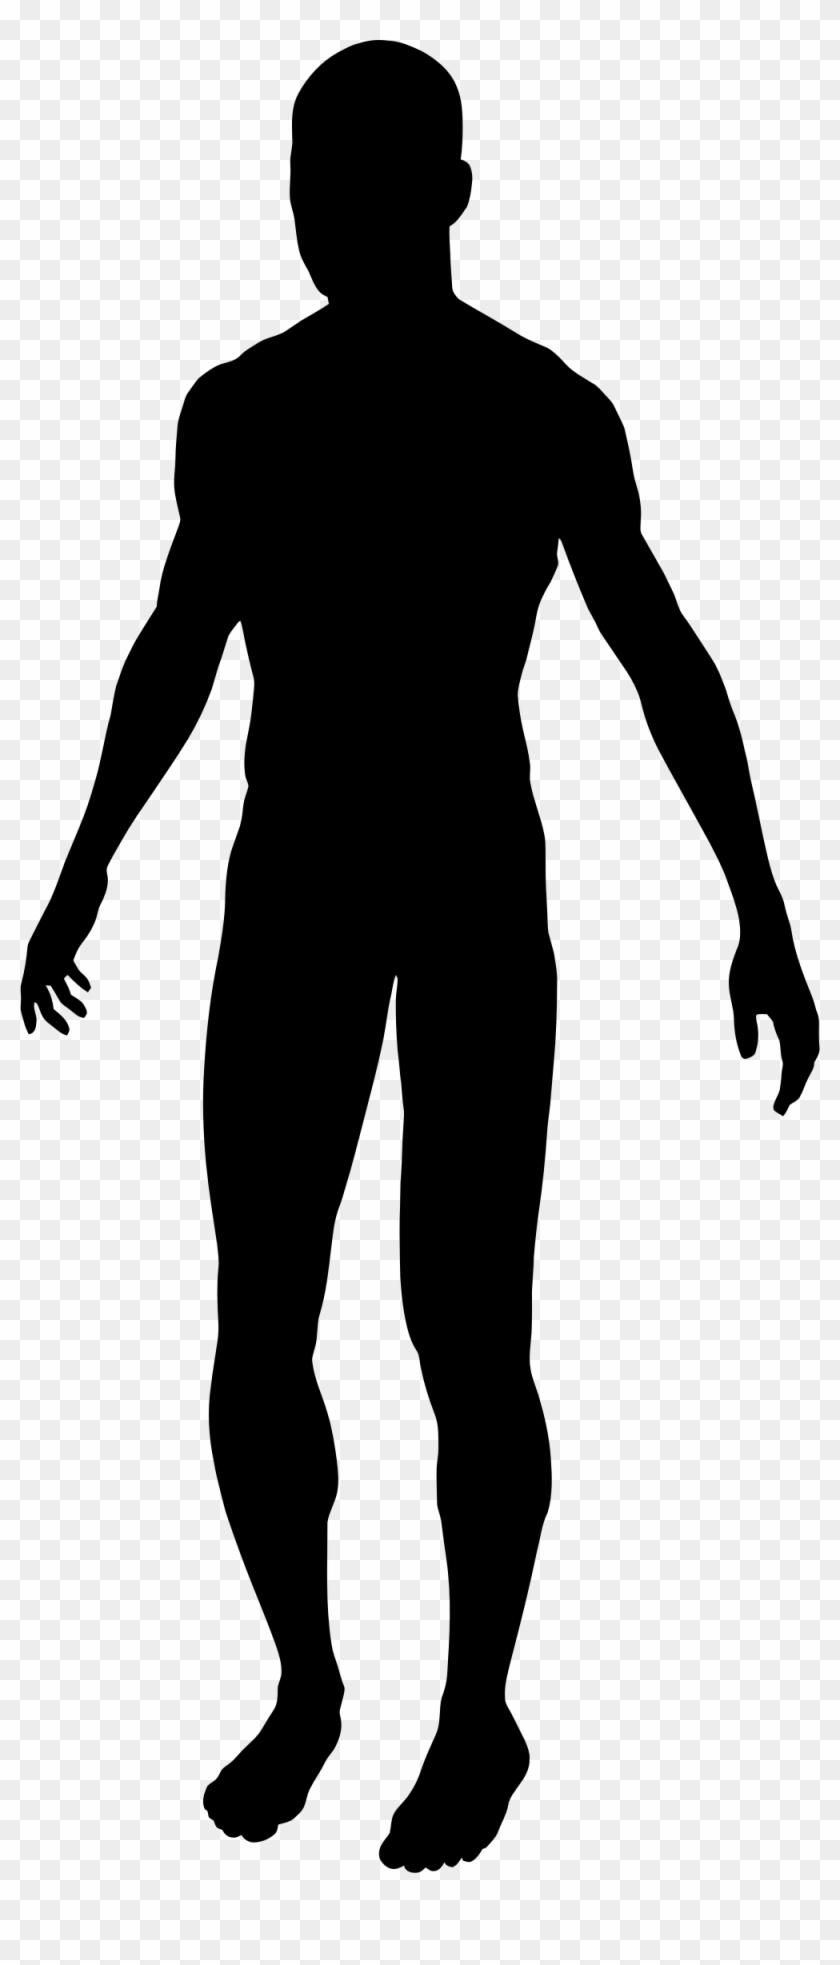 Clipart - Male Silhouette #115619